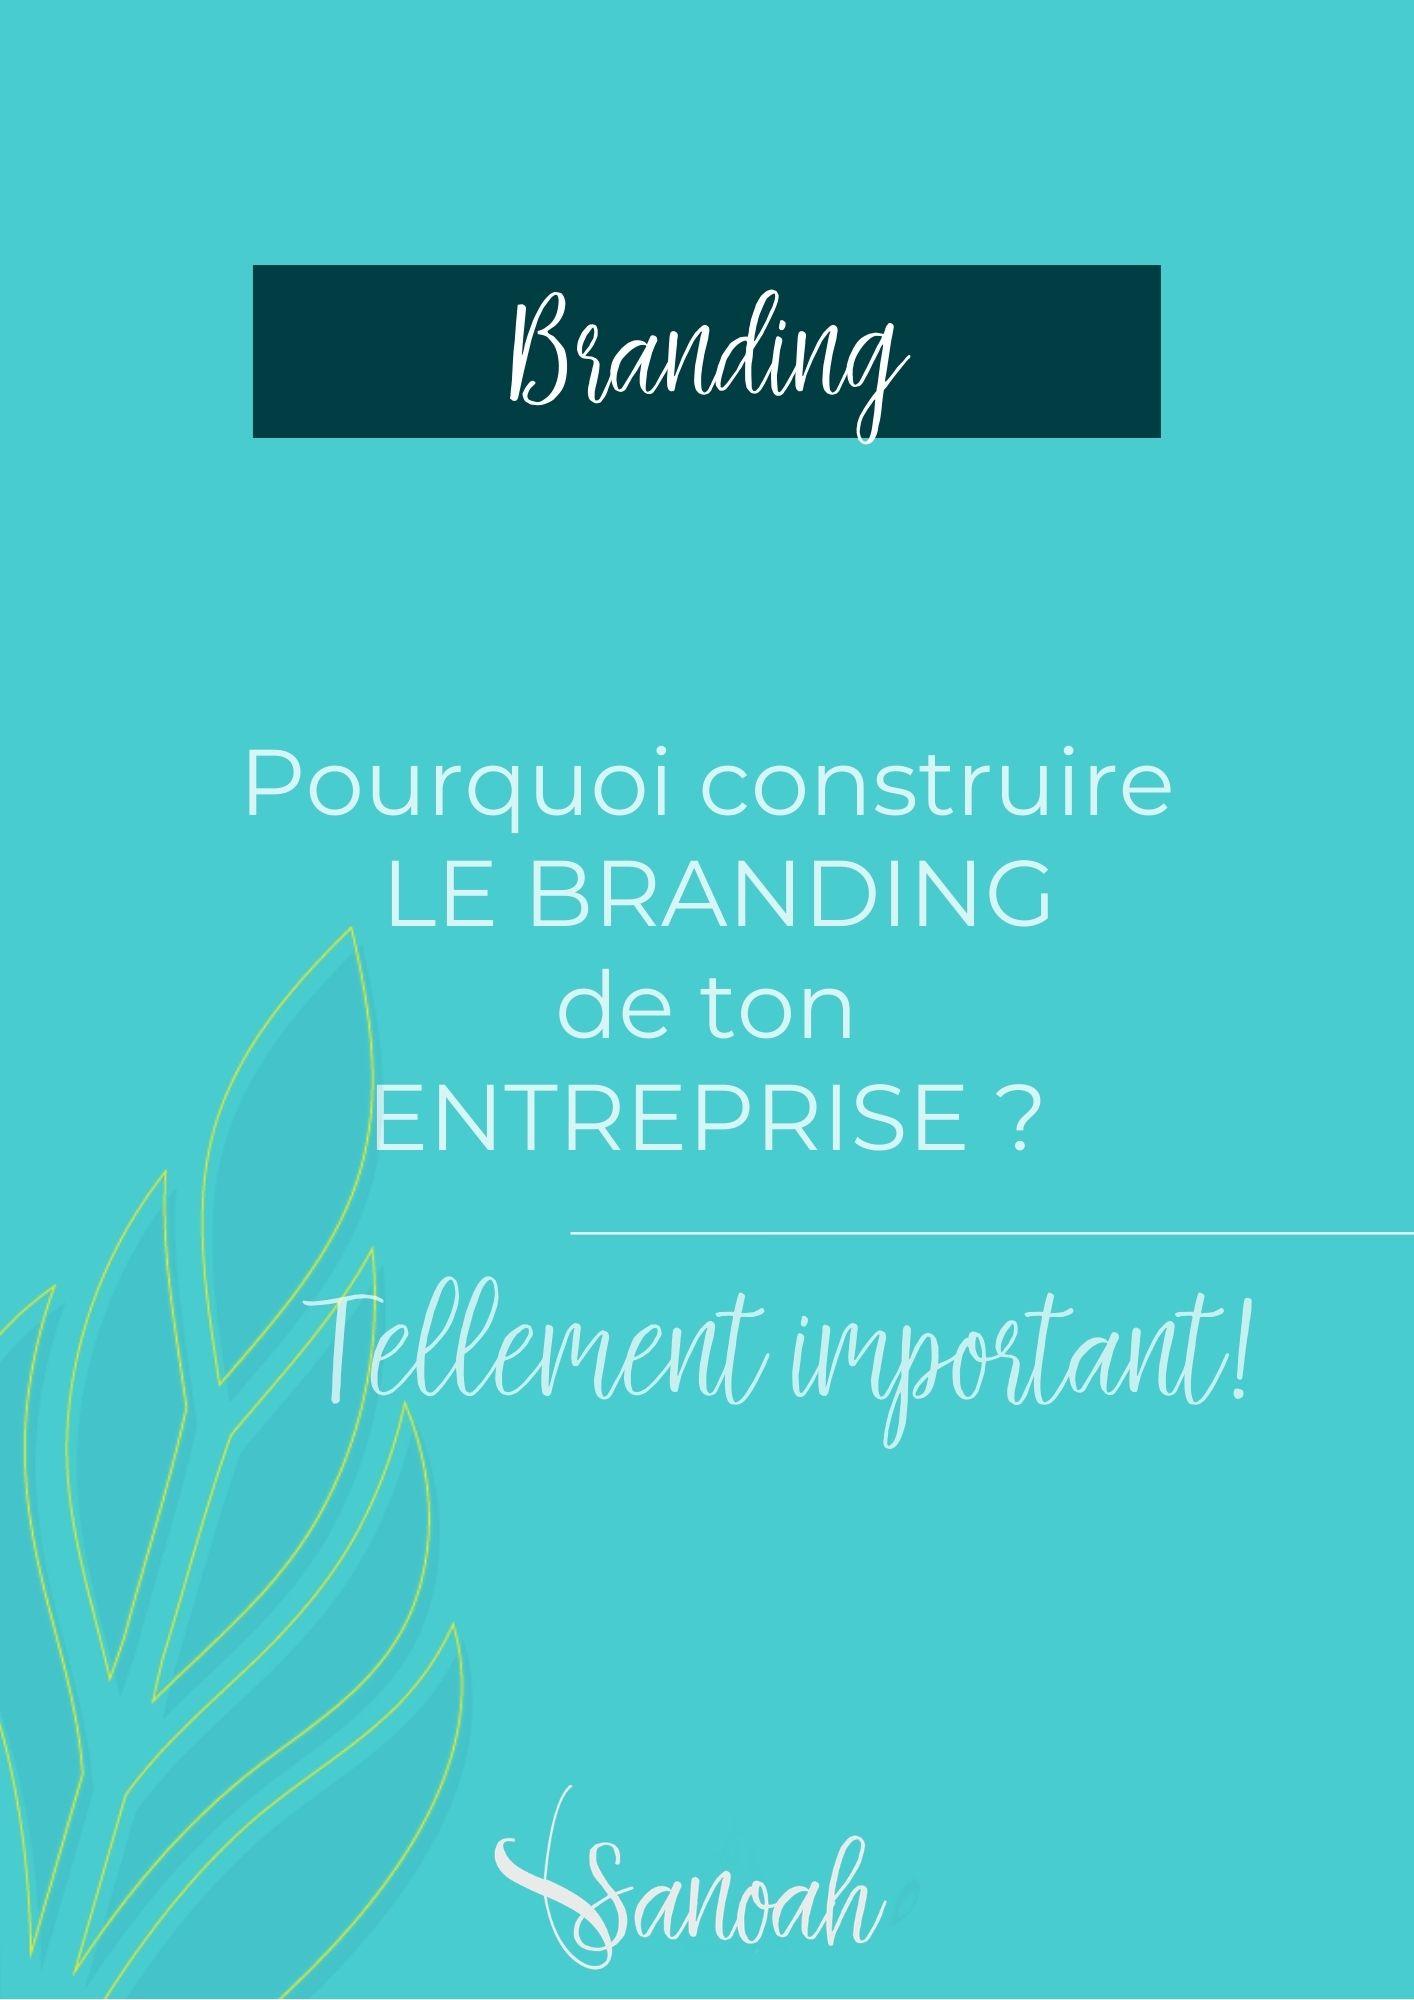 Pourquoi construire le Branding de ton entreprise